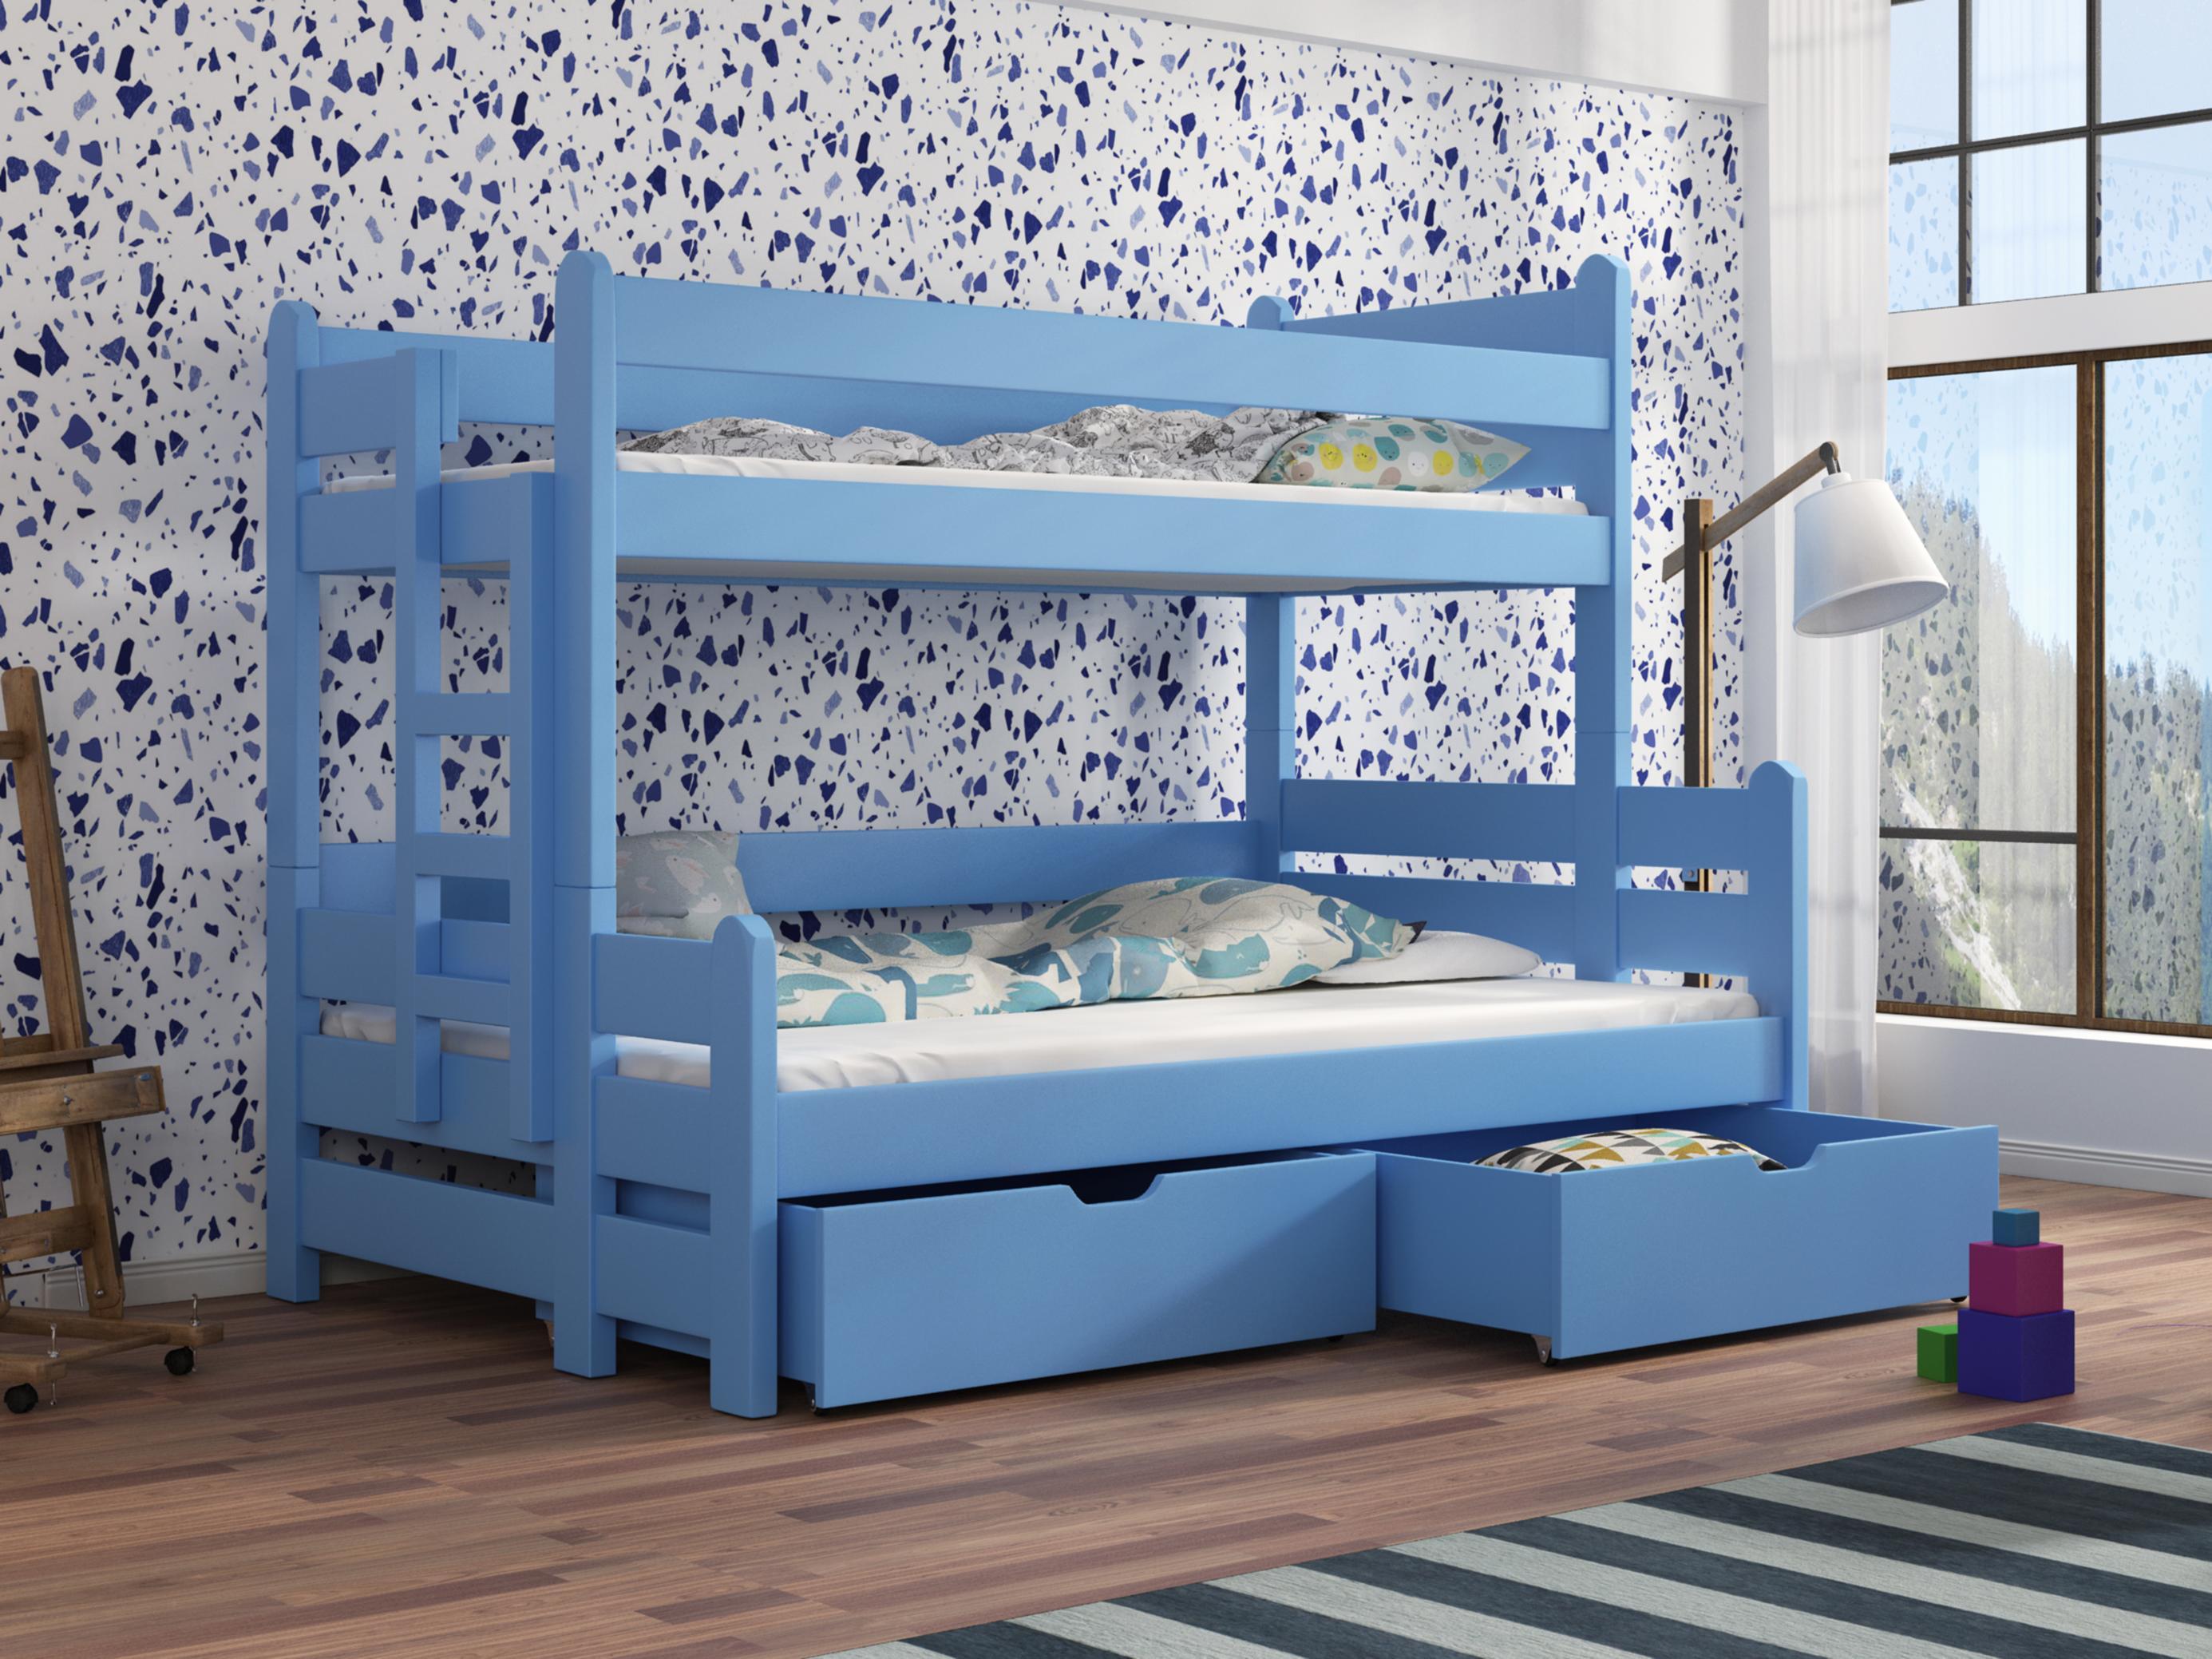 Dětská patrová postel 90 cm - Bivi (modrá)